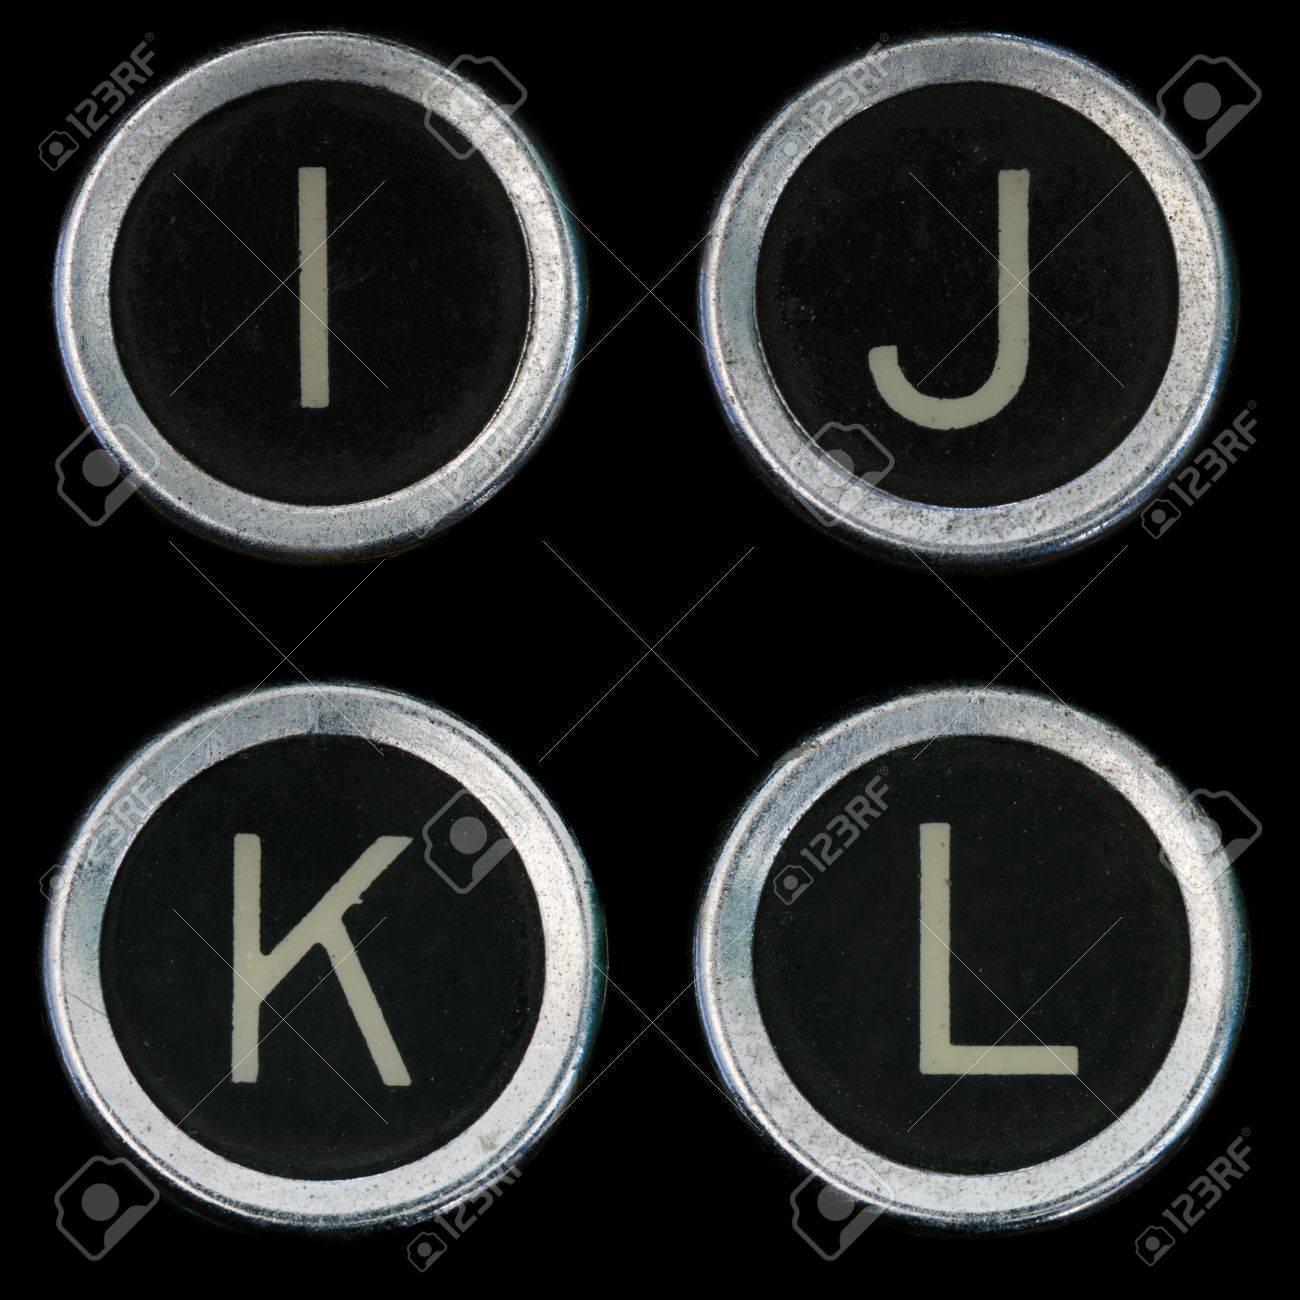 I J K L keys from old typewriter on black background Stock Photo - 8564312